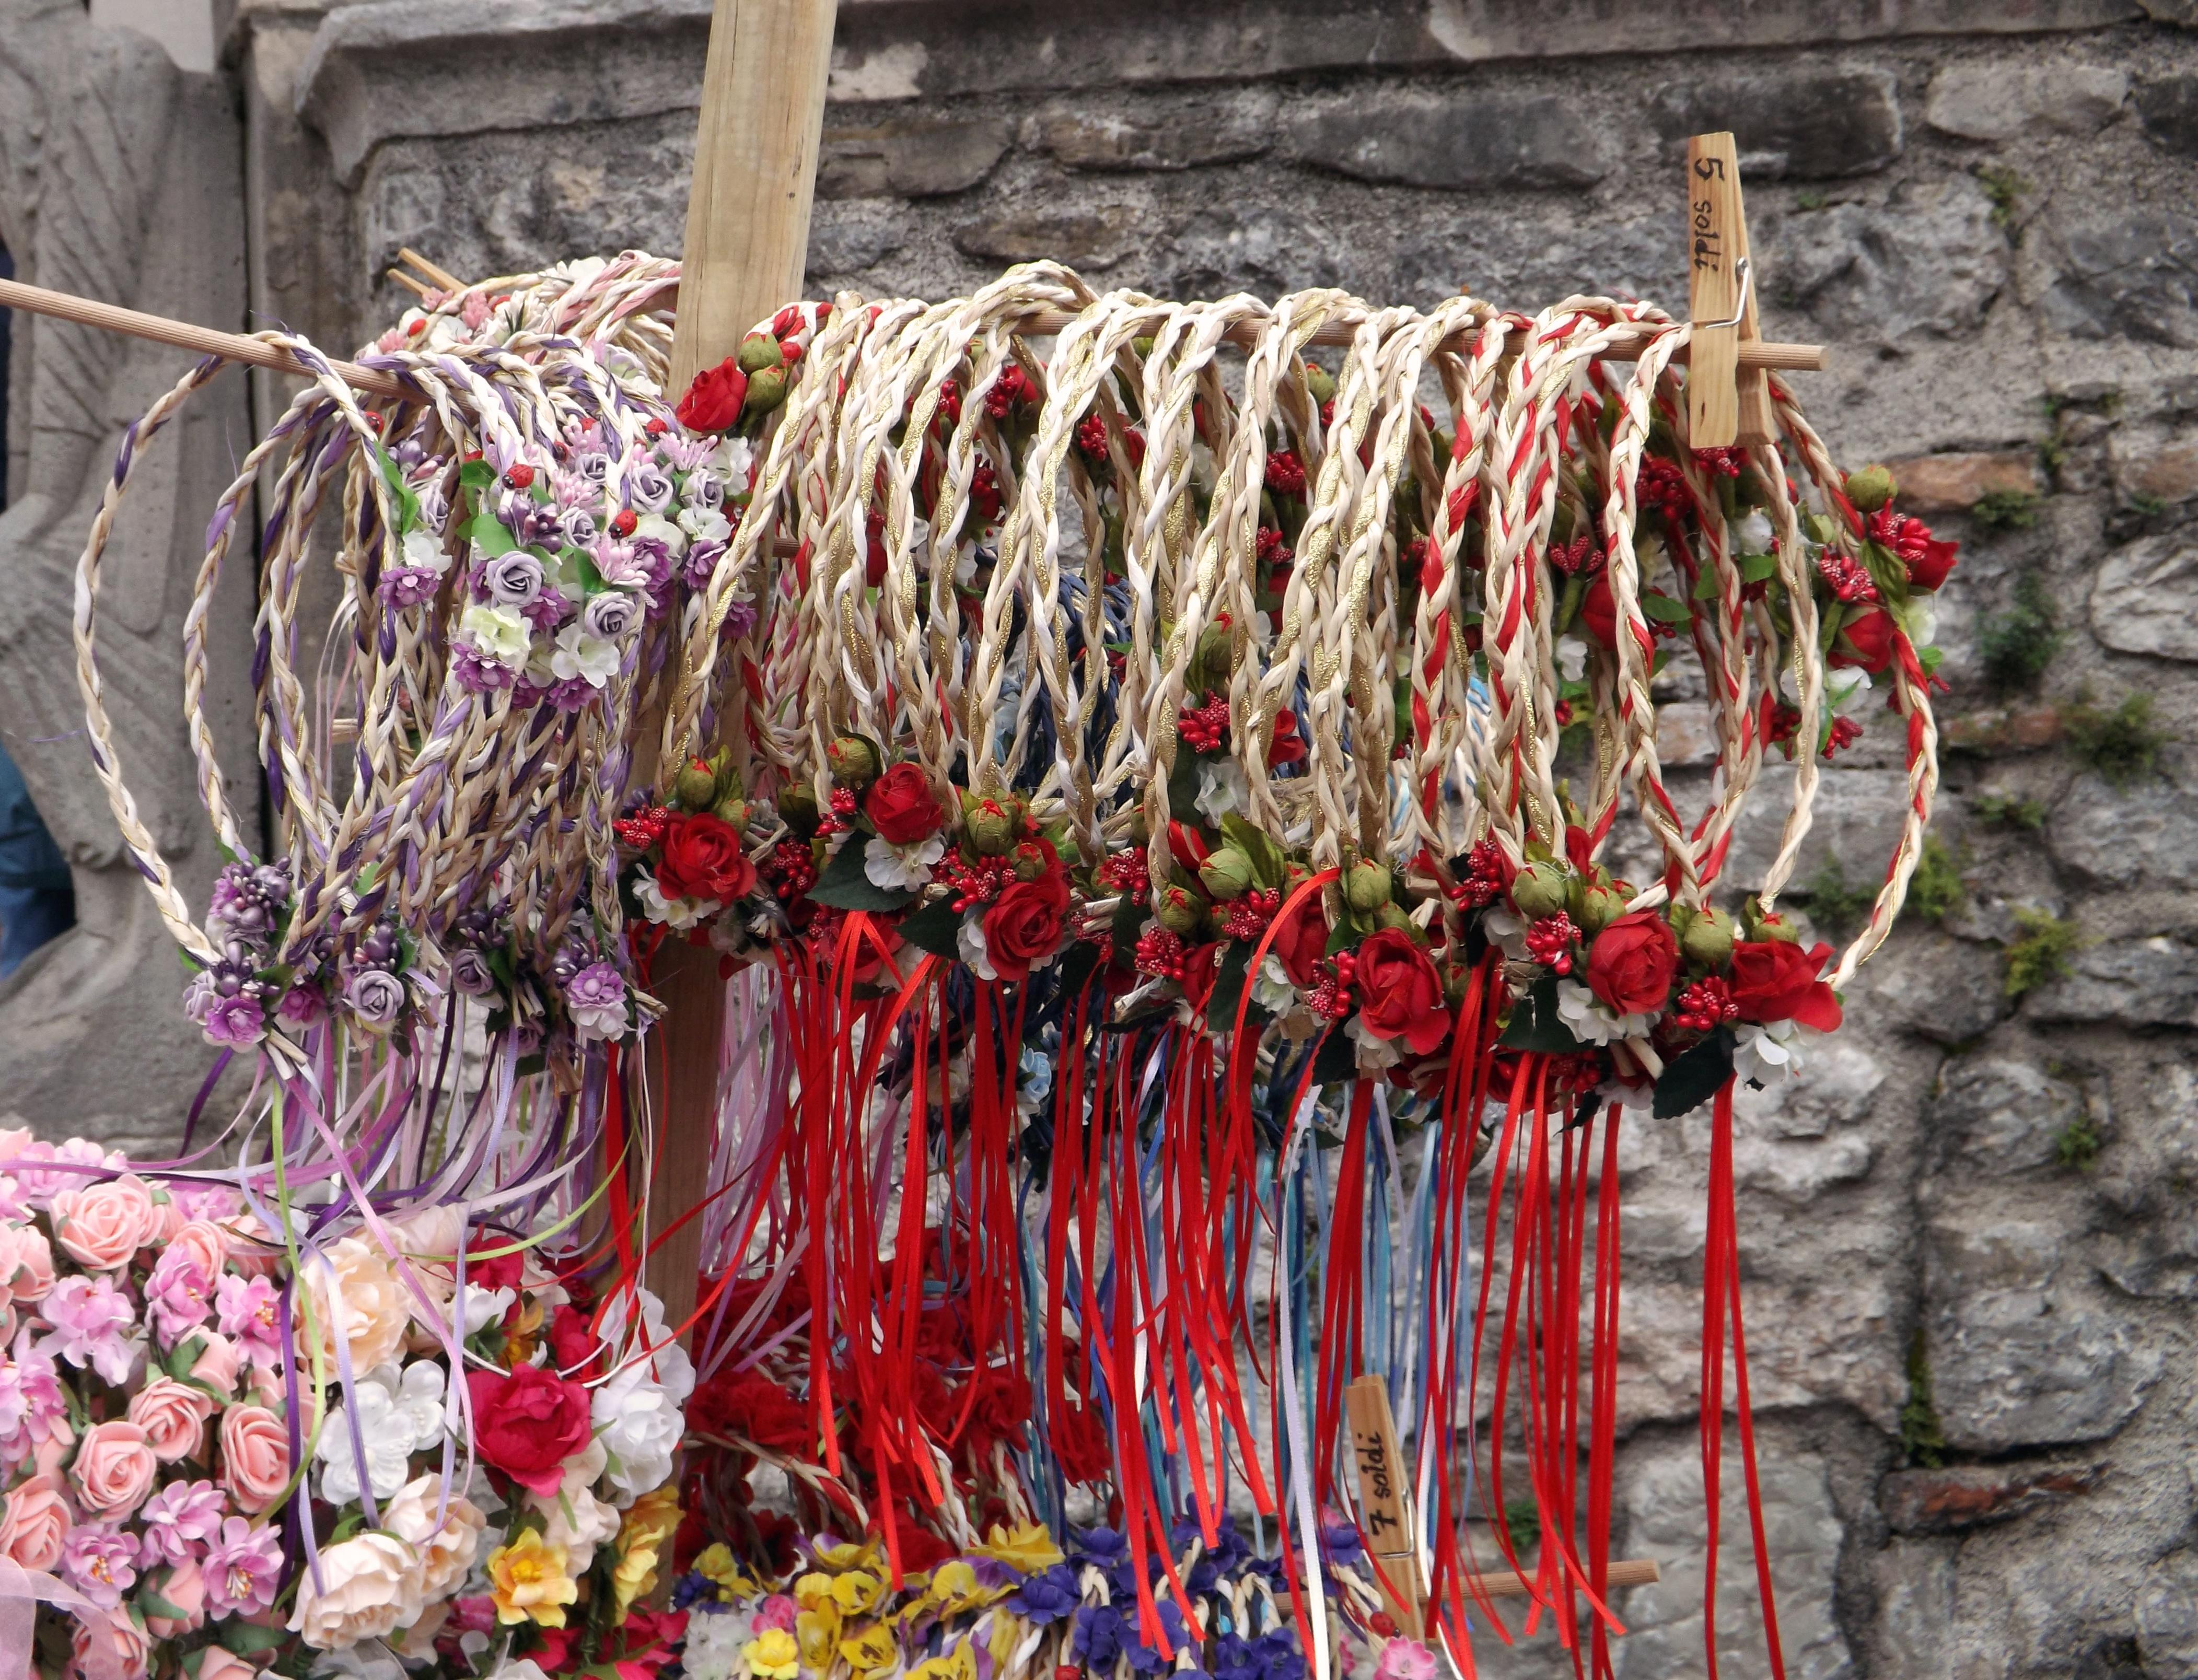 Kostenlose foto : Blume, Farbe, Bunte Blumen, Kunst, Floristik, Fest ...